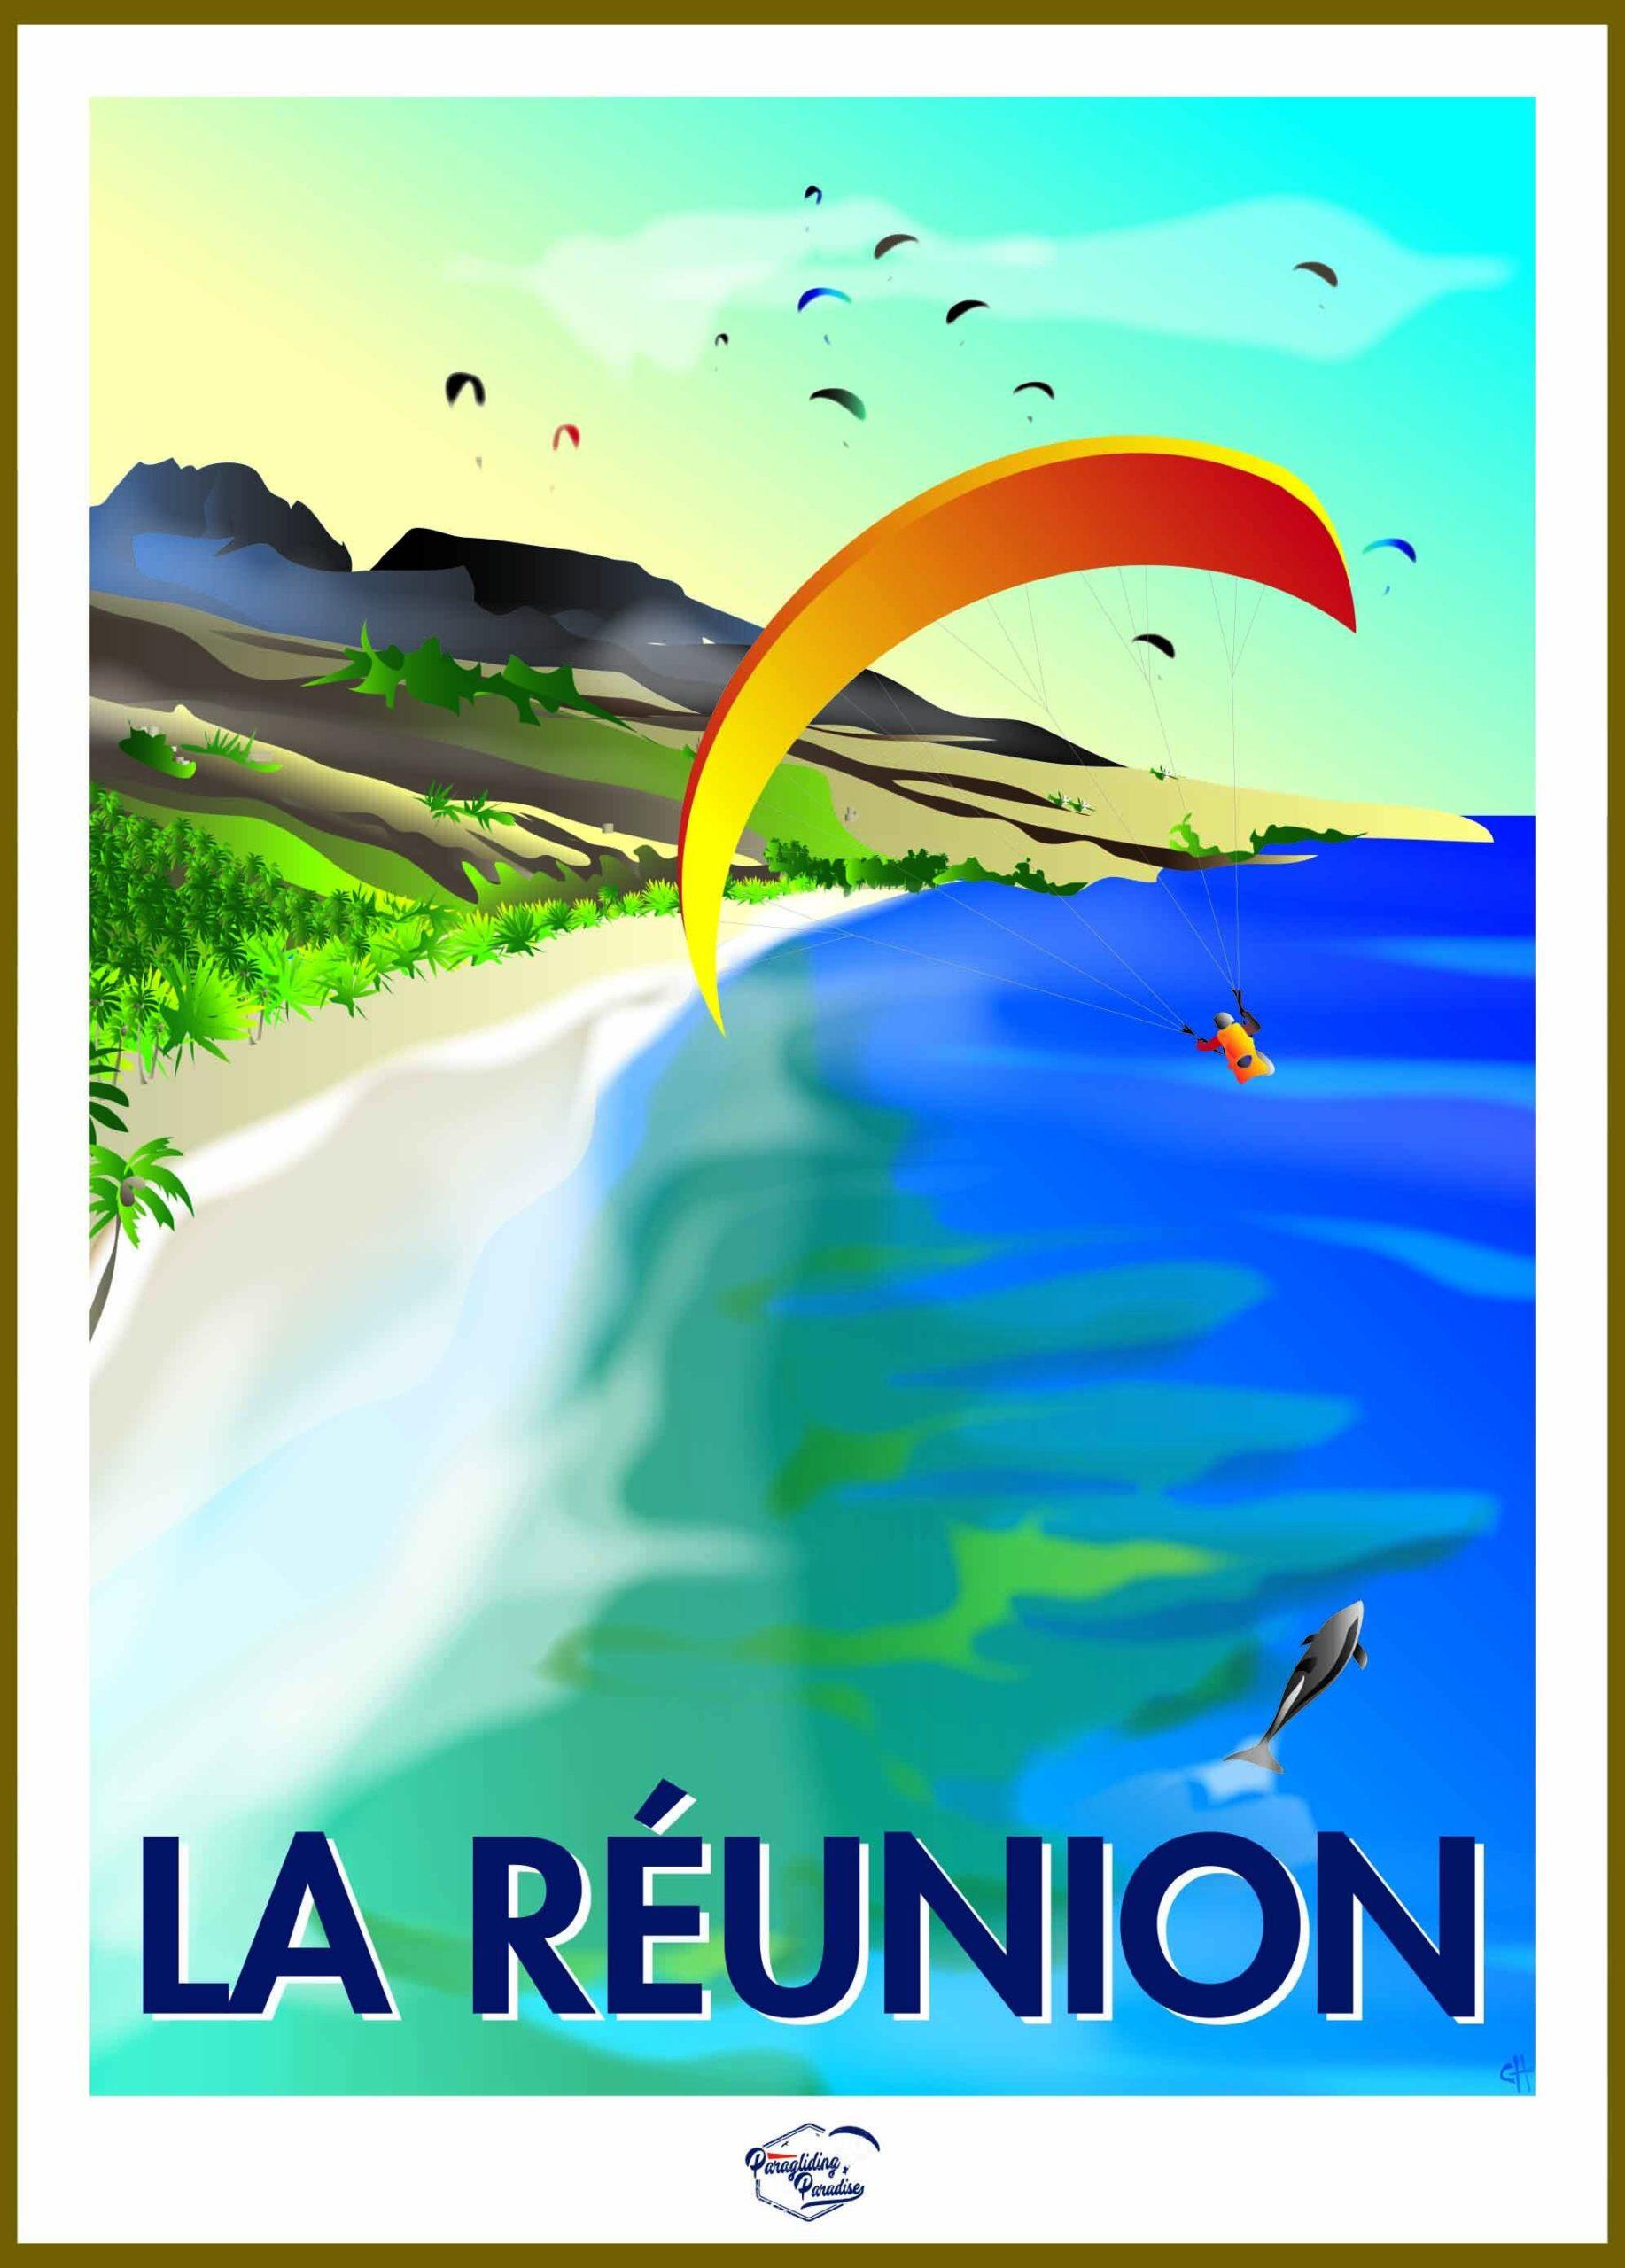 Poster parapente Reunion avec titre